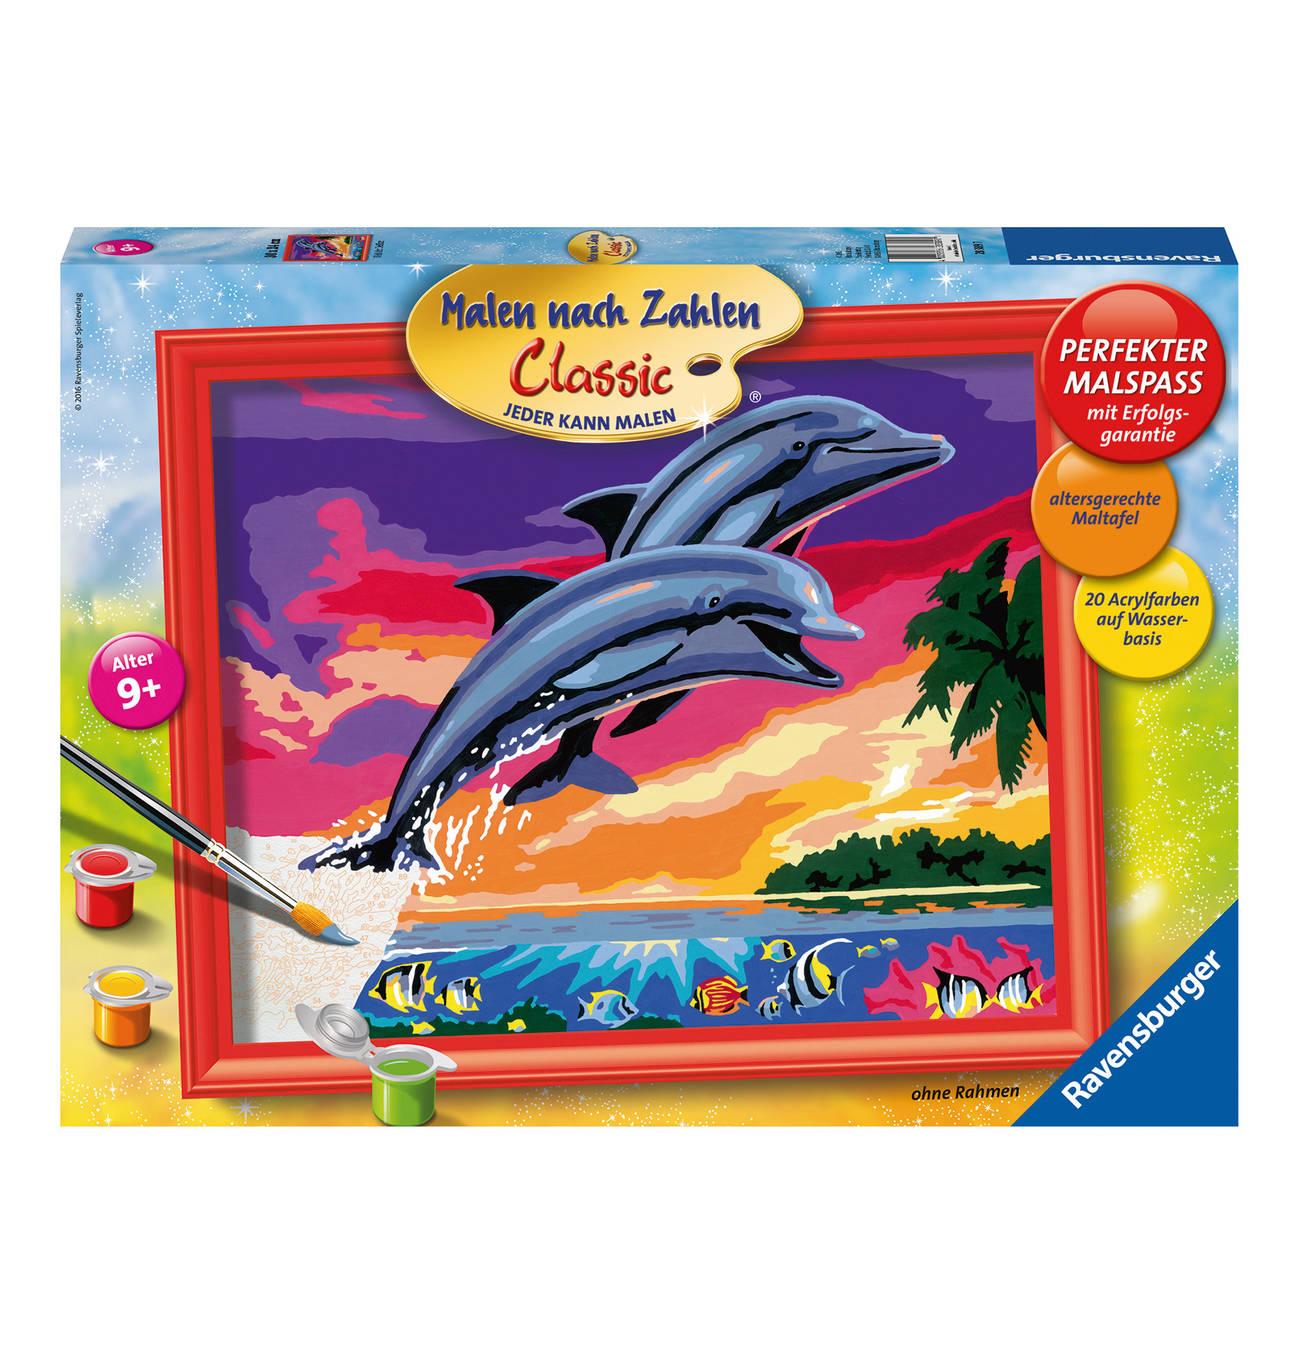 Classic Welt Der Delfine Malen Nach Zahlen Spielzeug Nach Alter Malen